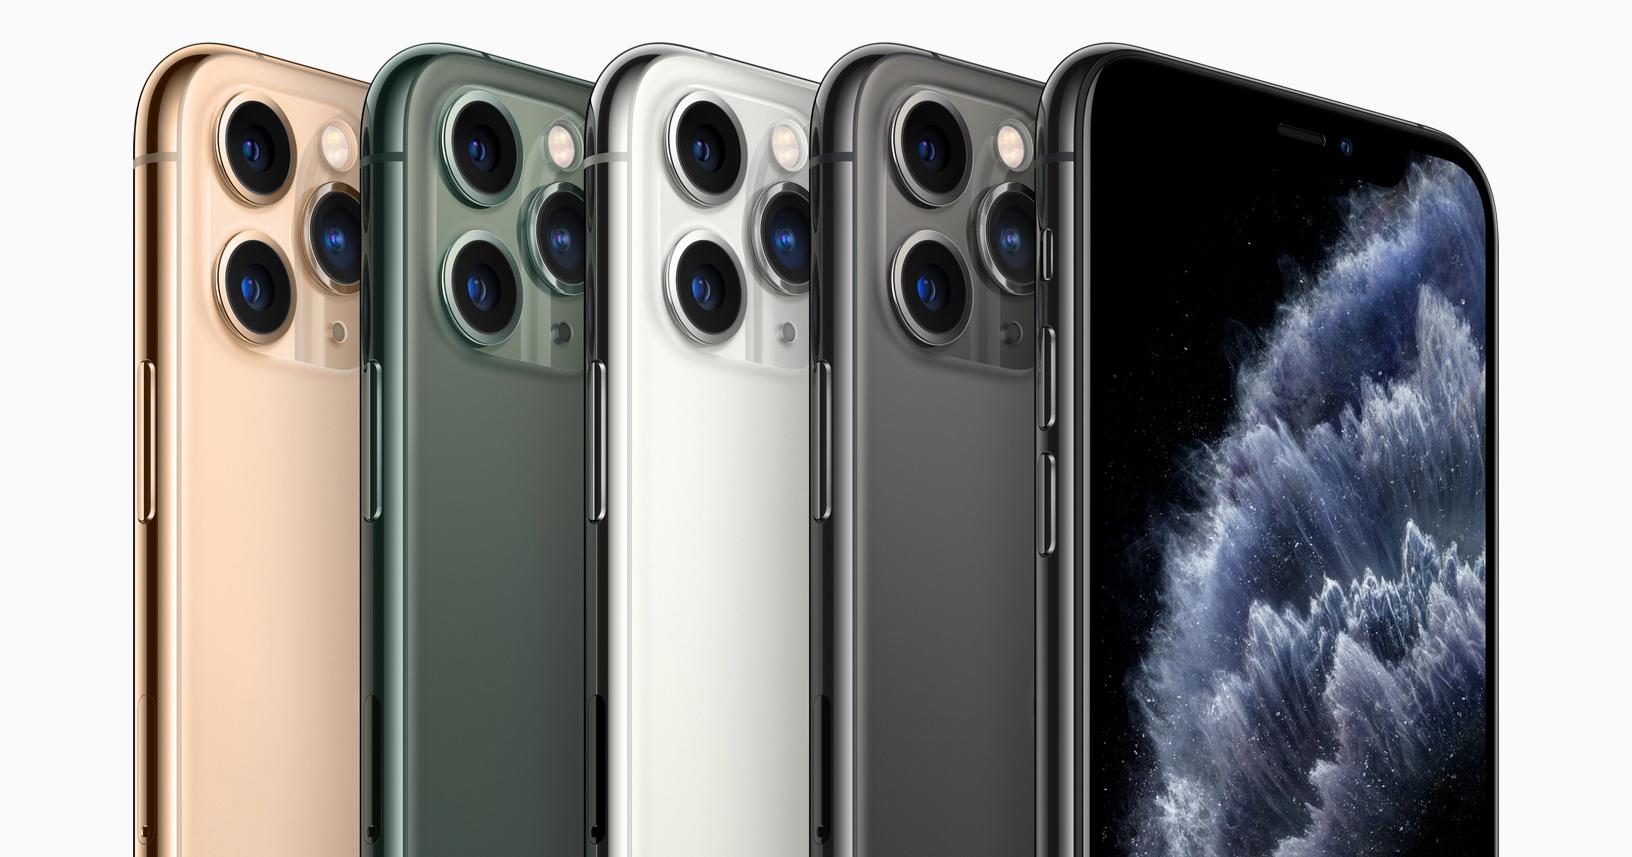 「iPhone 11 Pro」と低価格サブスクで見えた、アップルの次の一手